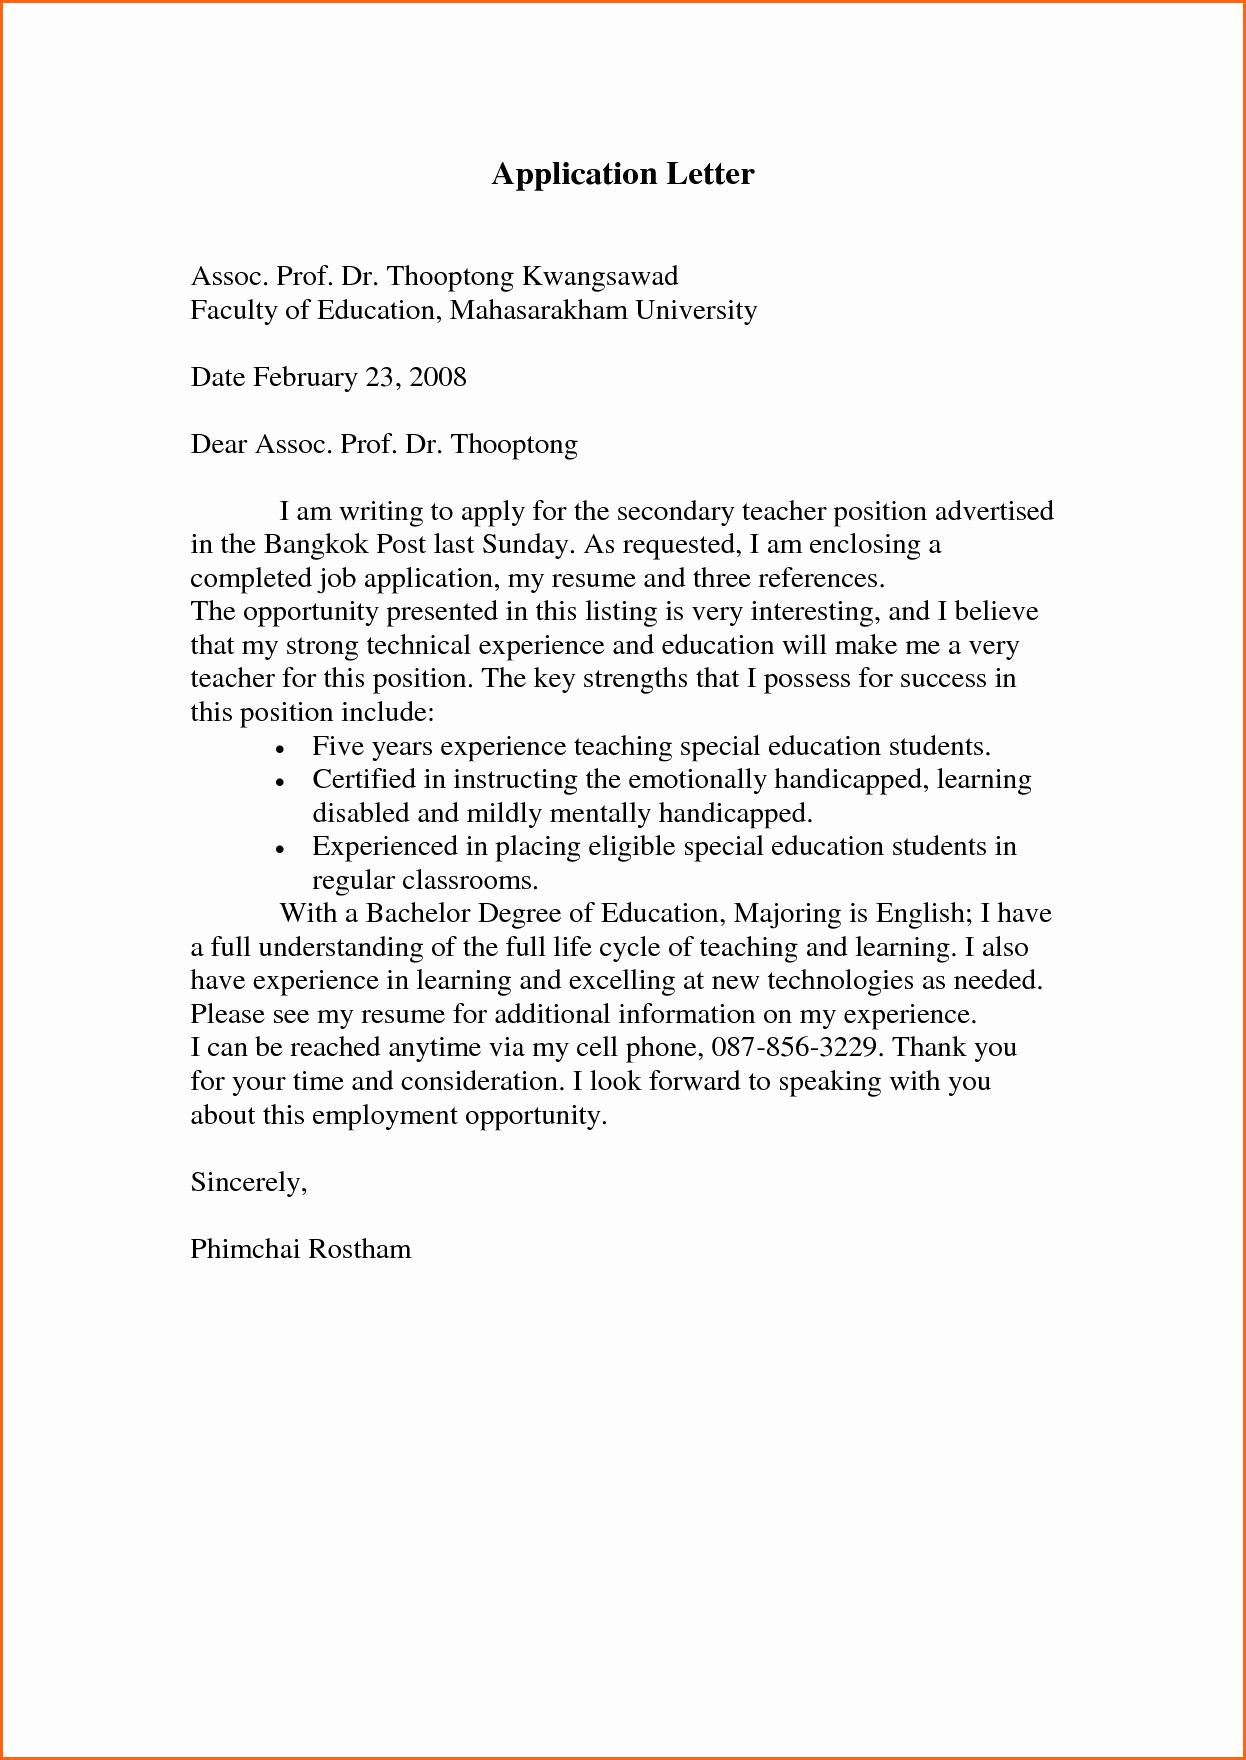 7 Sample Application Job Letter for A Teacher Bud